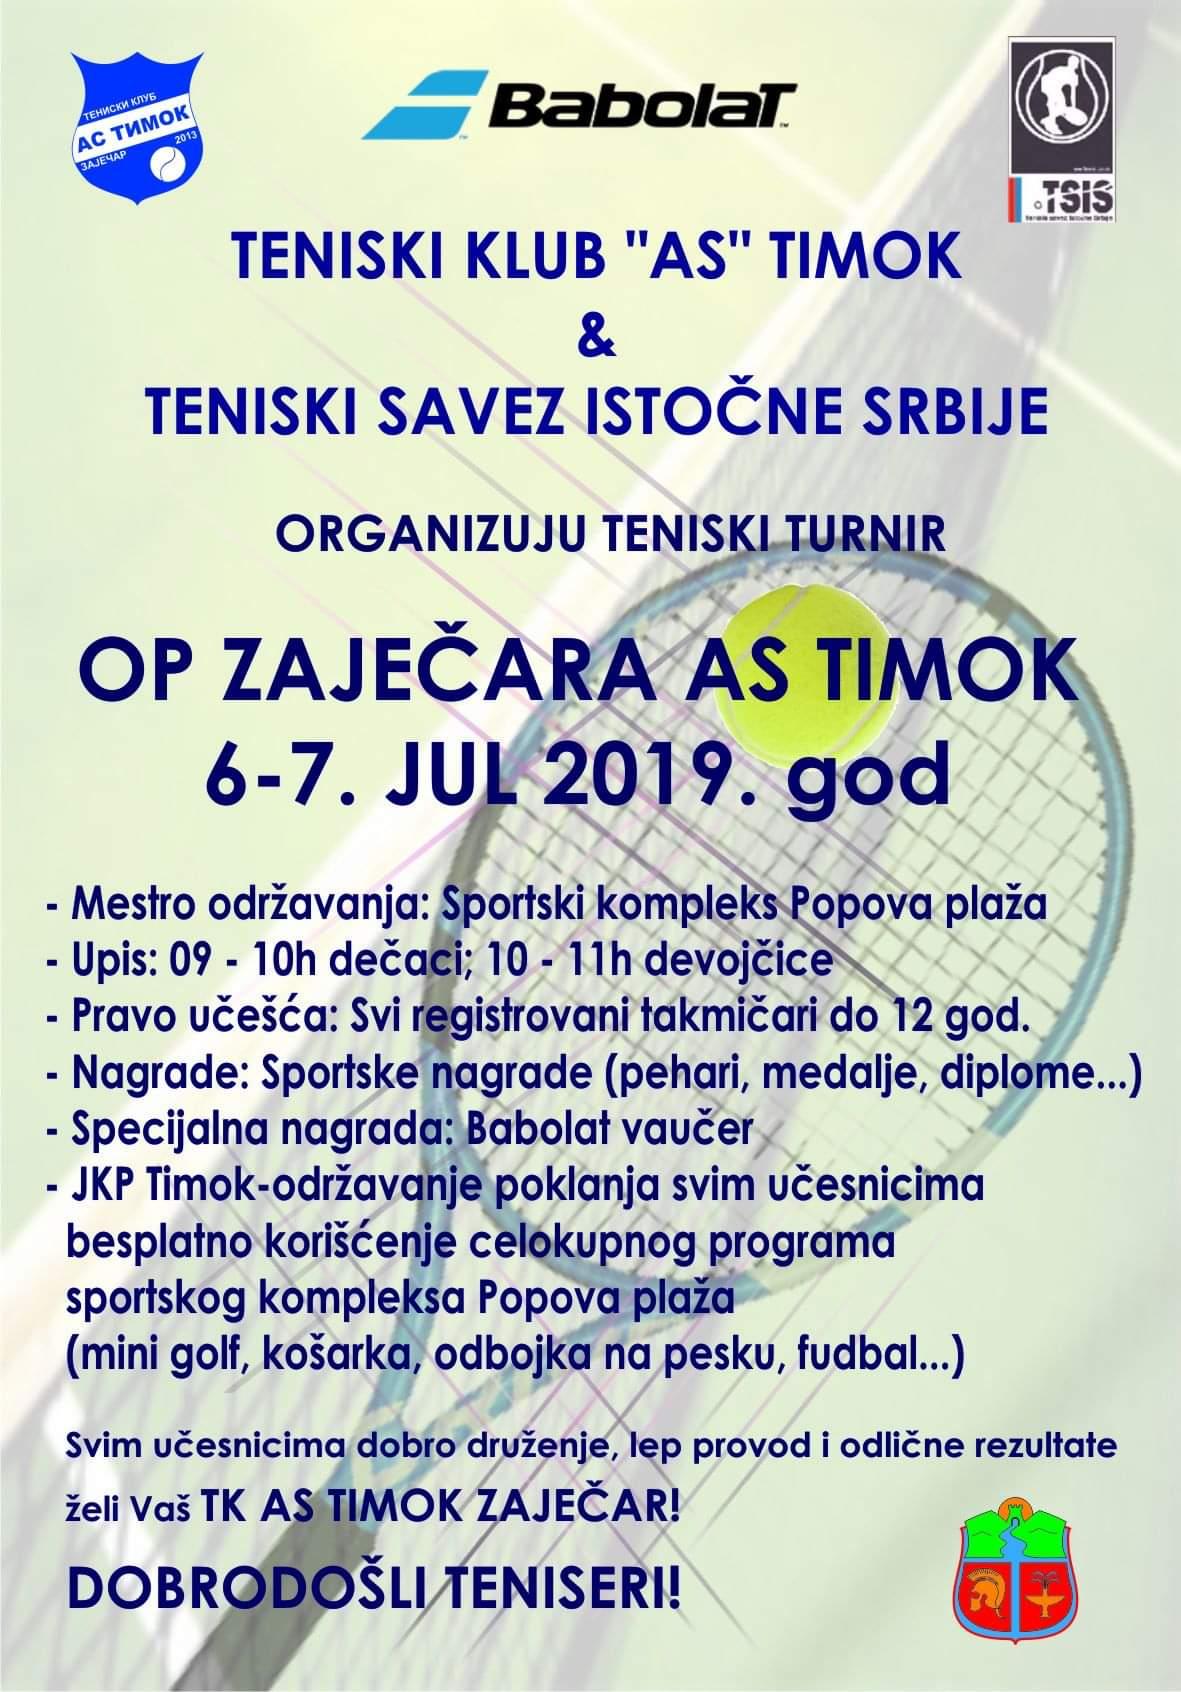 OP Zaječara AS Timok 6-7. jul 2019. god